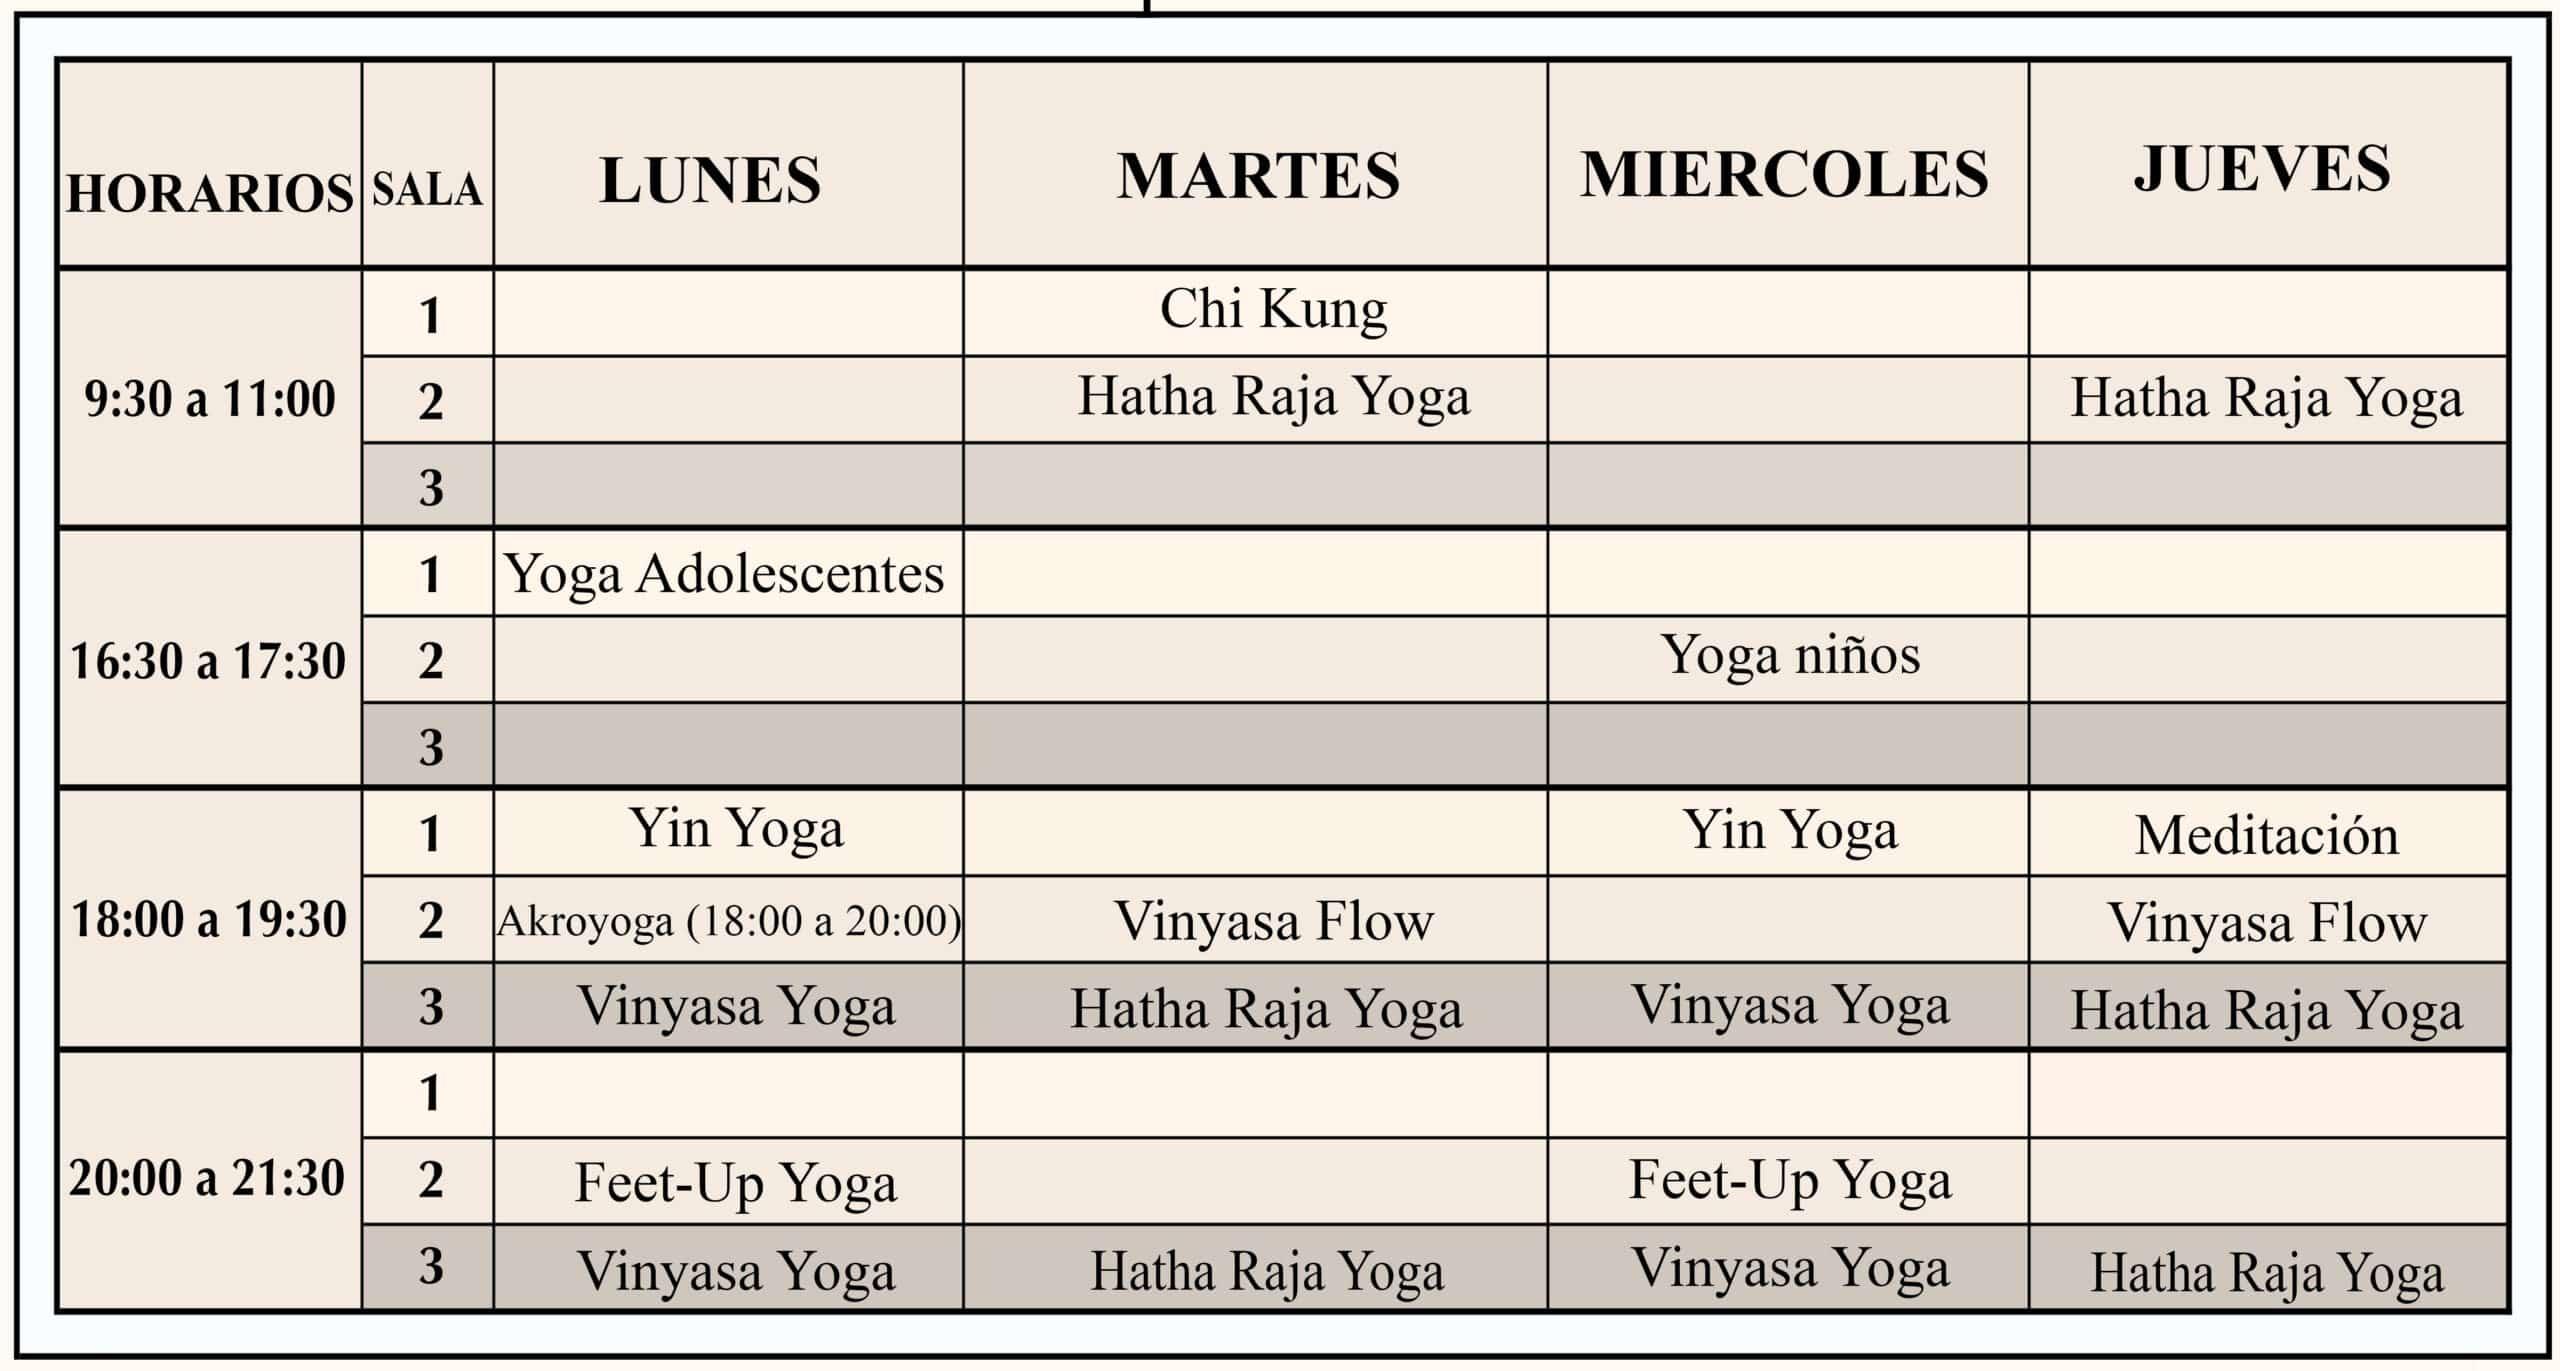 centro de yoga horario larrabide